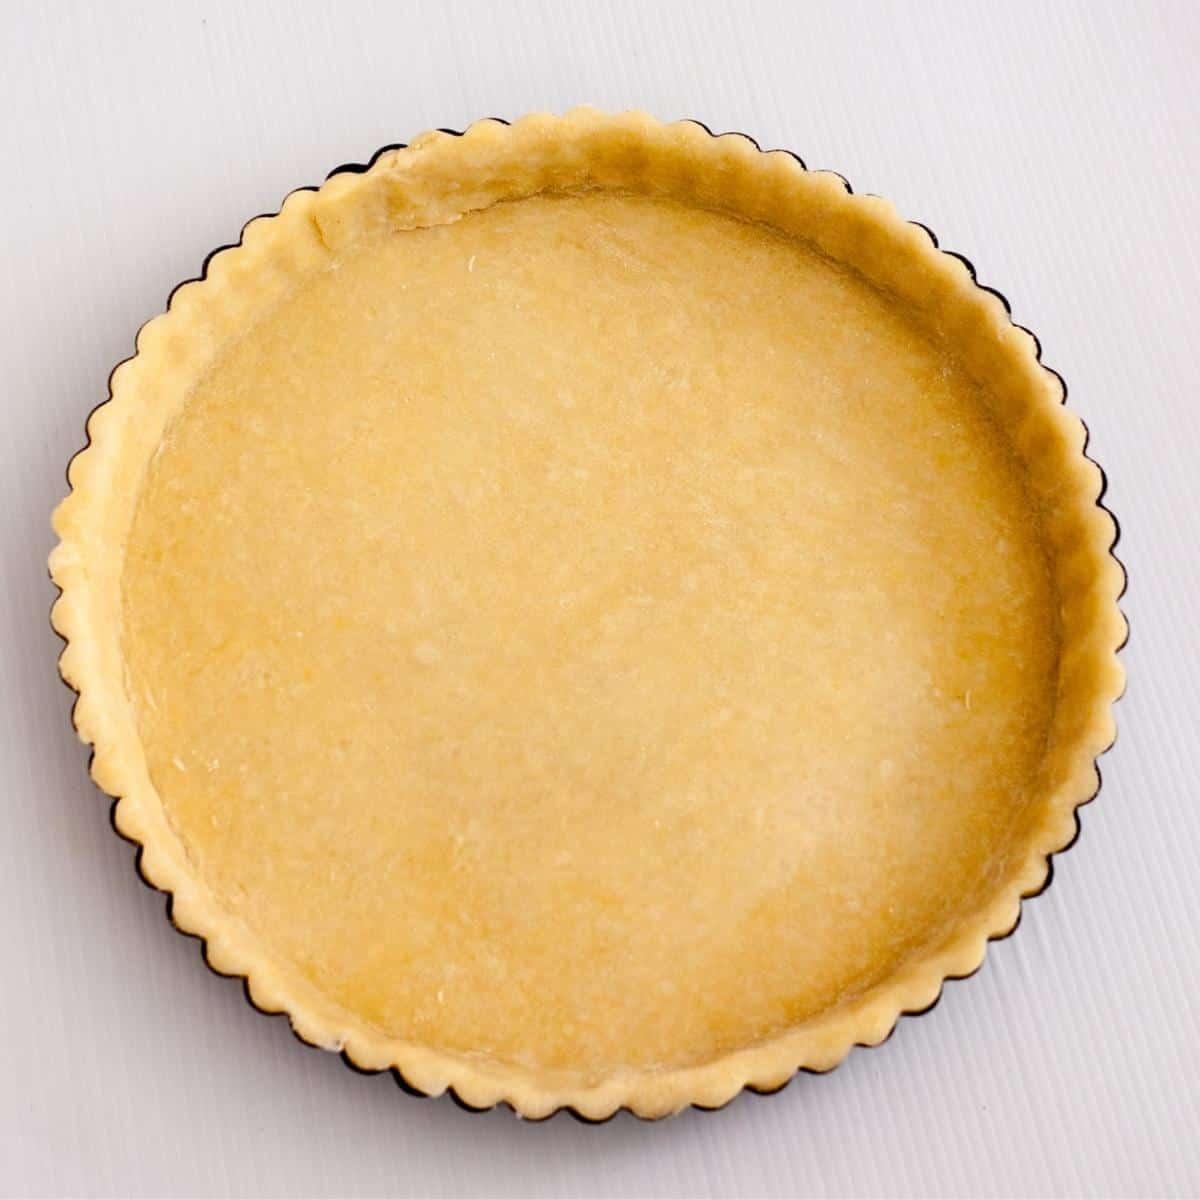 An unbaked tart crust in a tart pan.